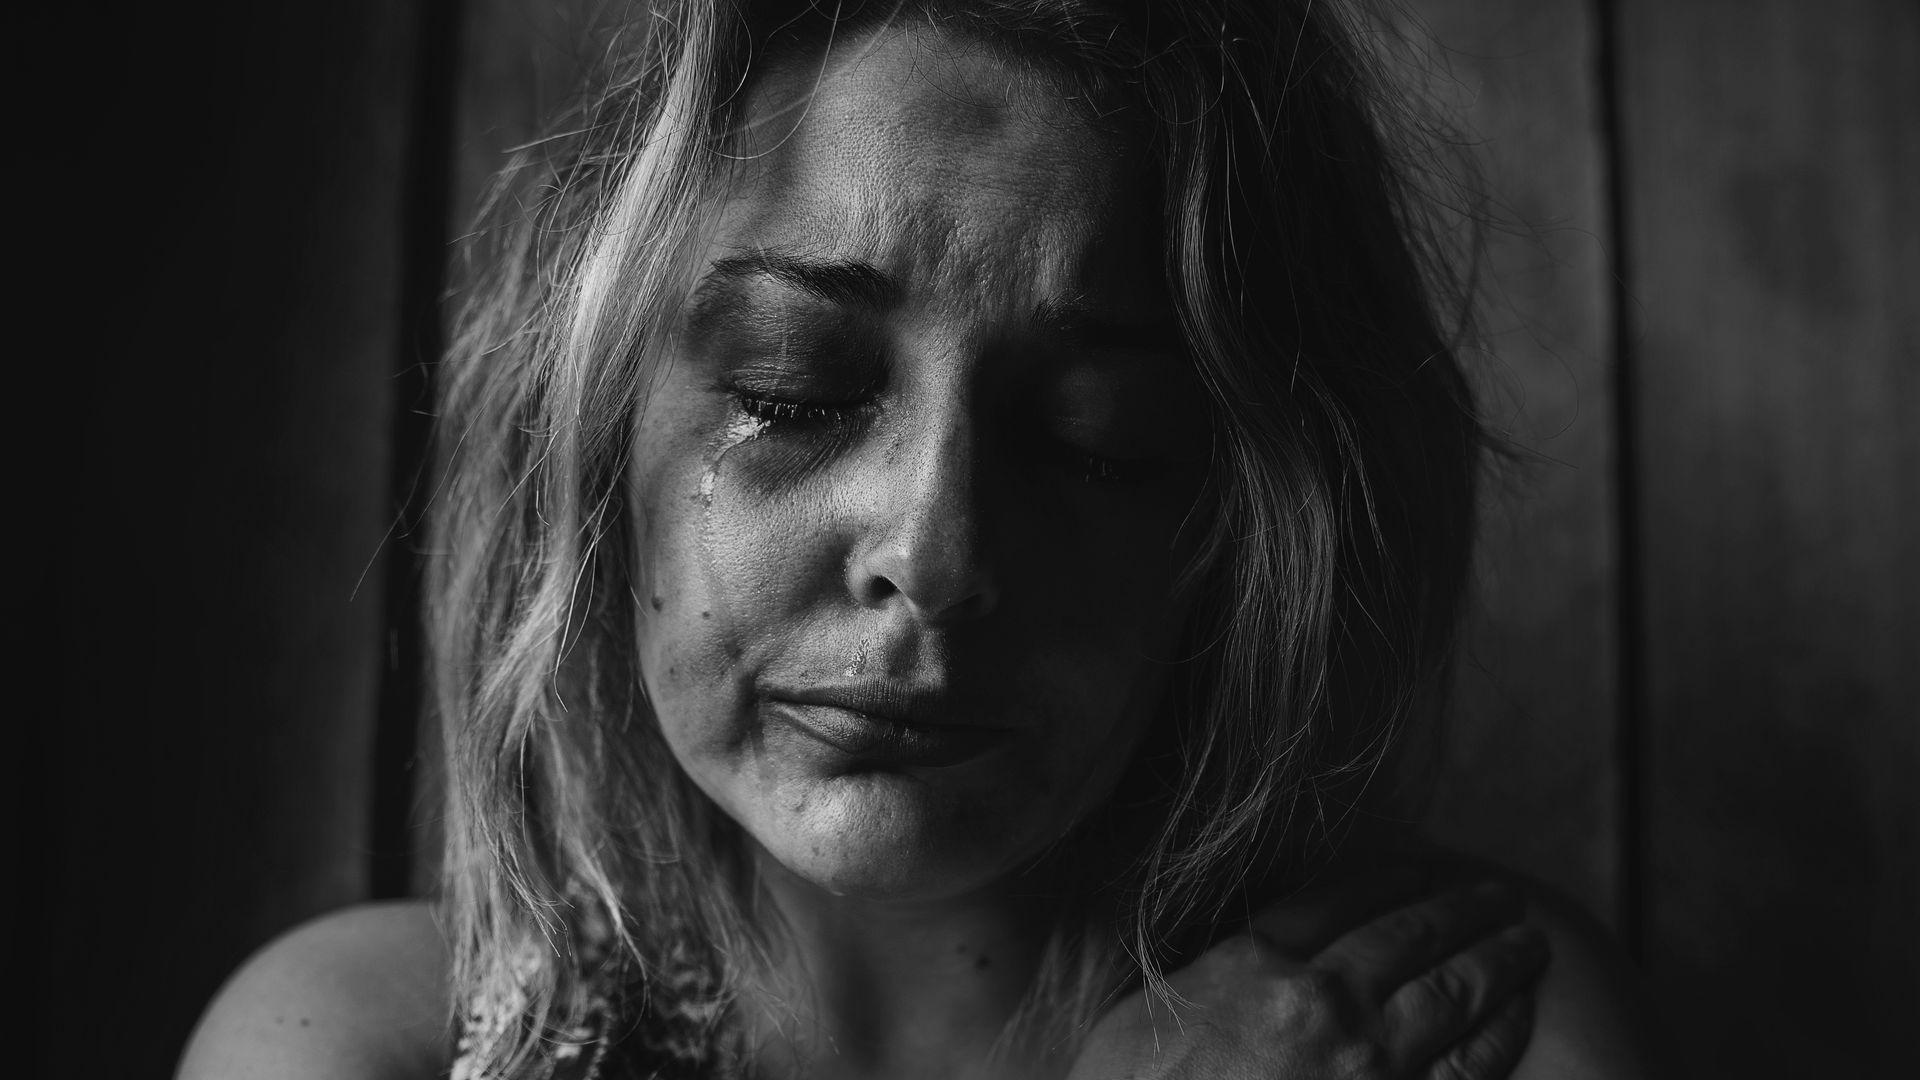 Violência contra a mulher deve ser combatida e denunciada